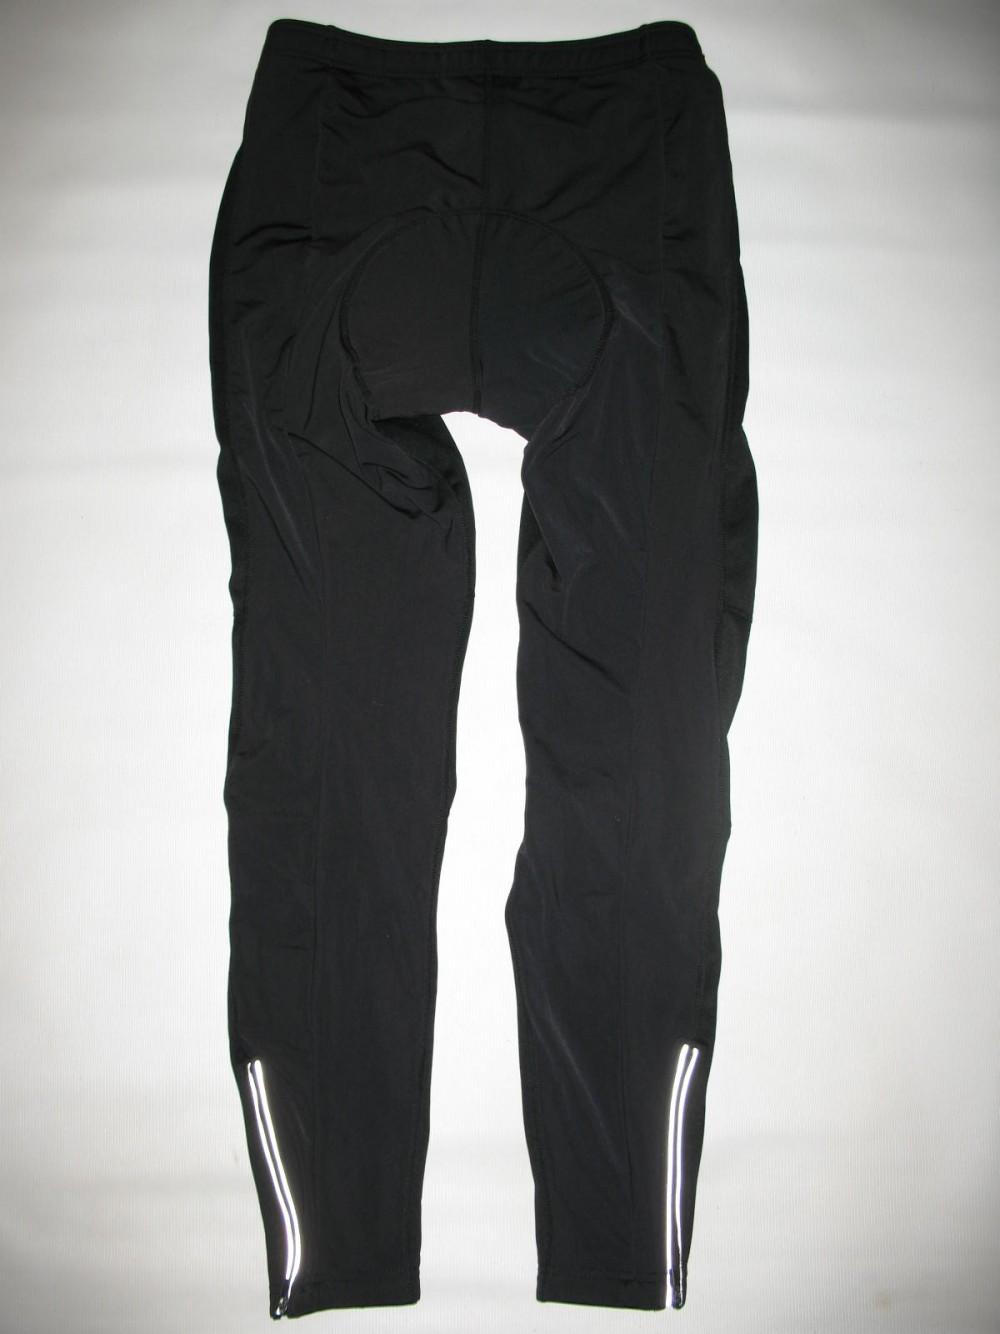 Велобрюки CRANE windstopper cycling 52 pants (размер 52-L/XL) - 1